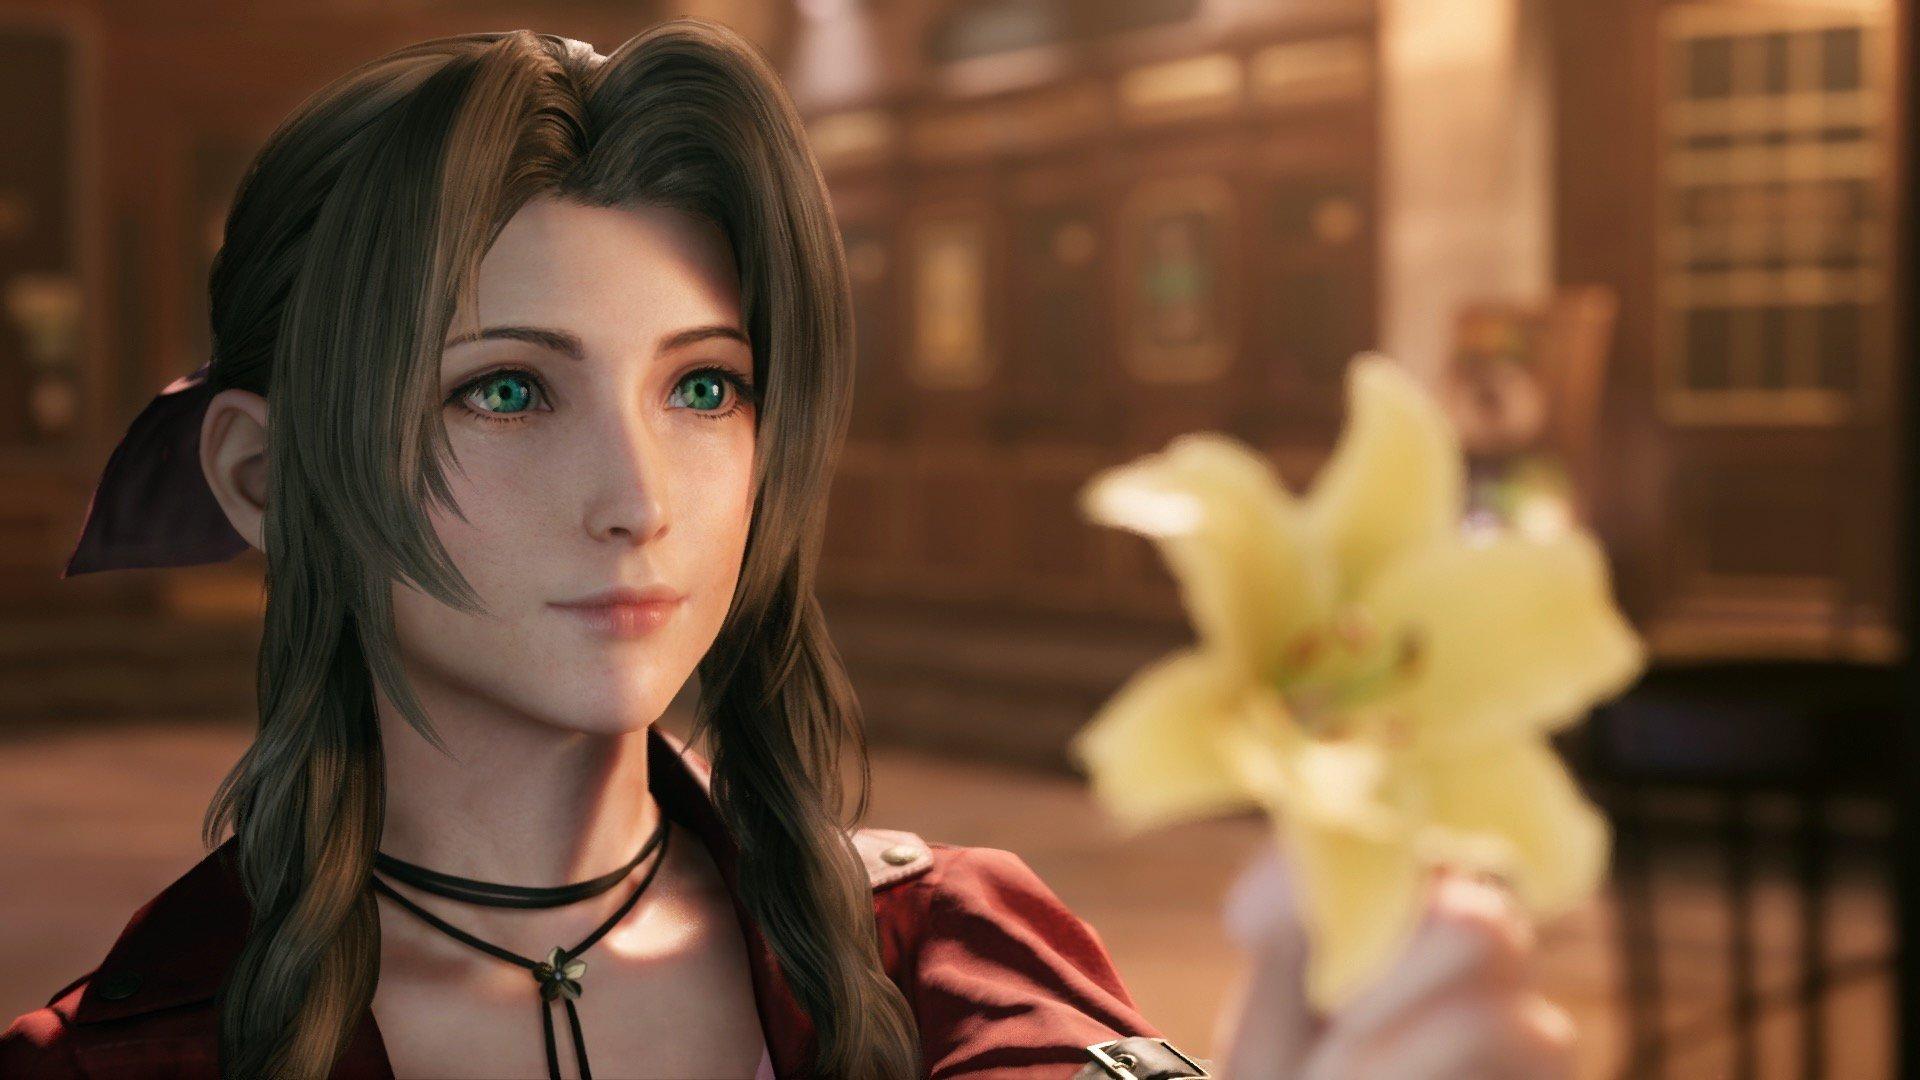 Le remake de Final Fantasy 7 reçoit une nouvelle bande-annonce